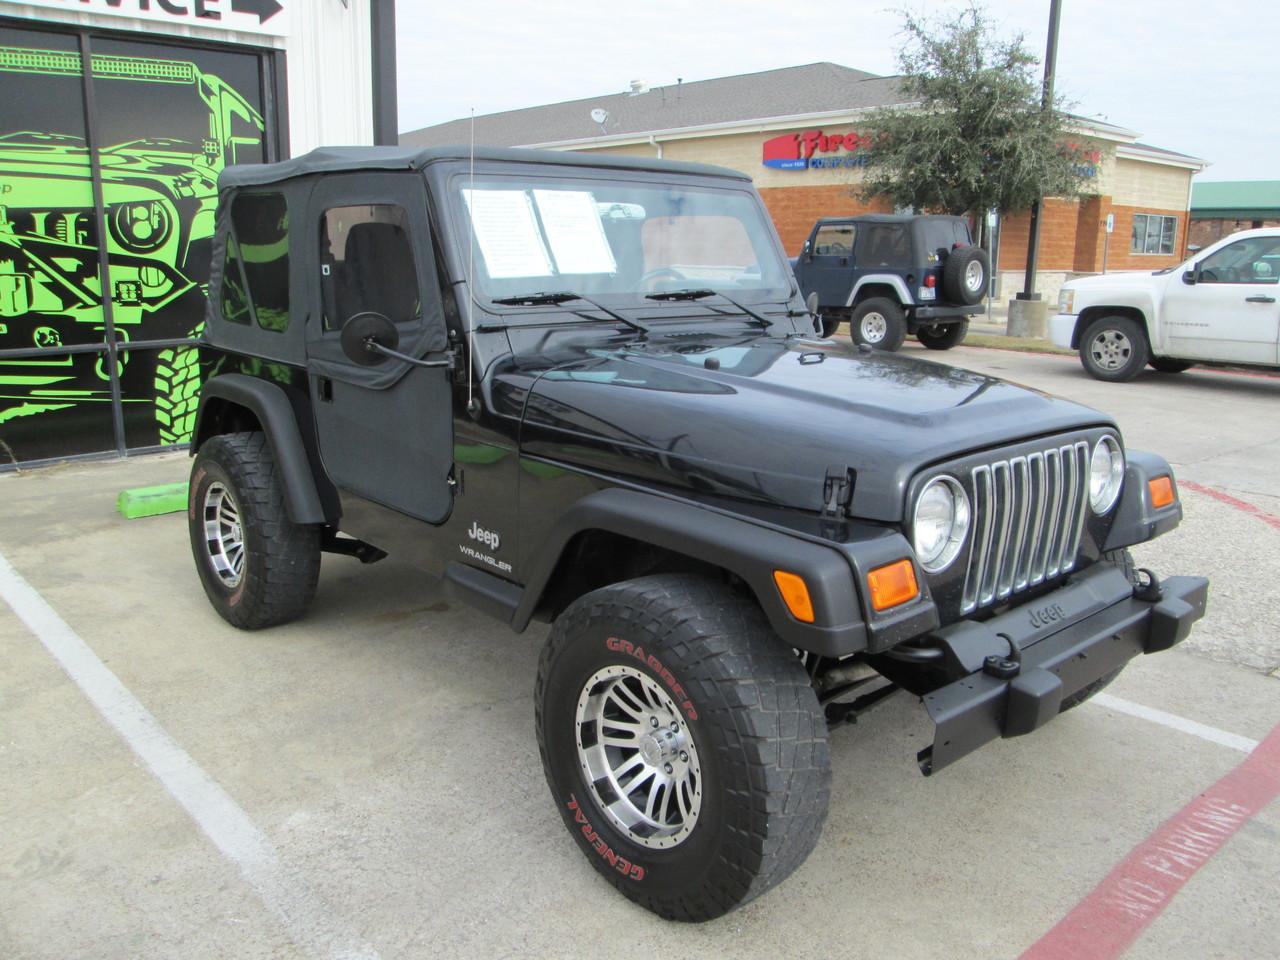 sold 2003 jeep tj wrangler stock 303647 collins bros jeep. Black Bedroom Furniture Sets. Home Design Ideas